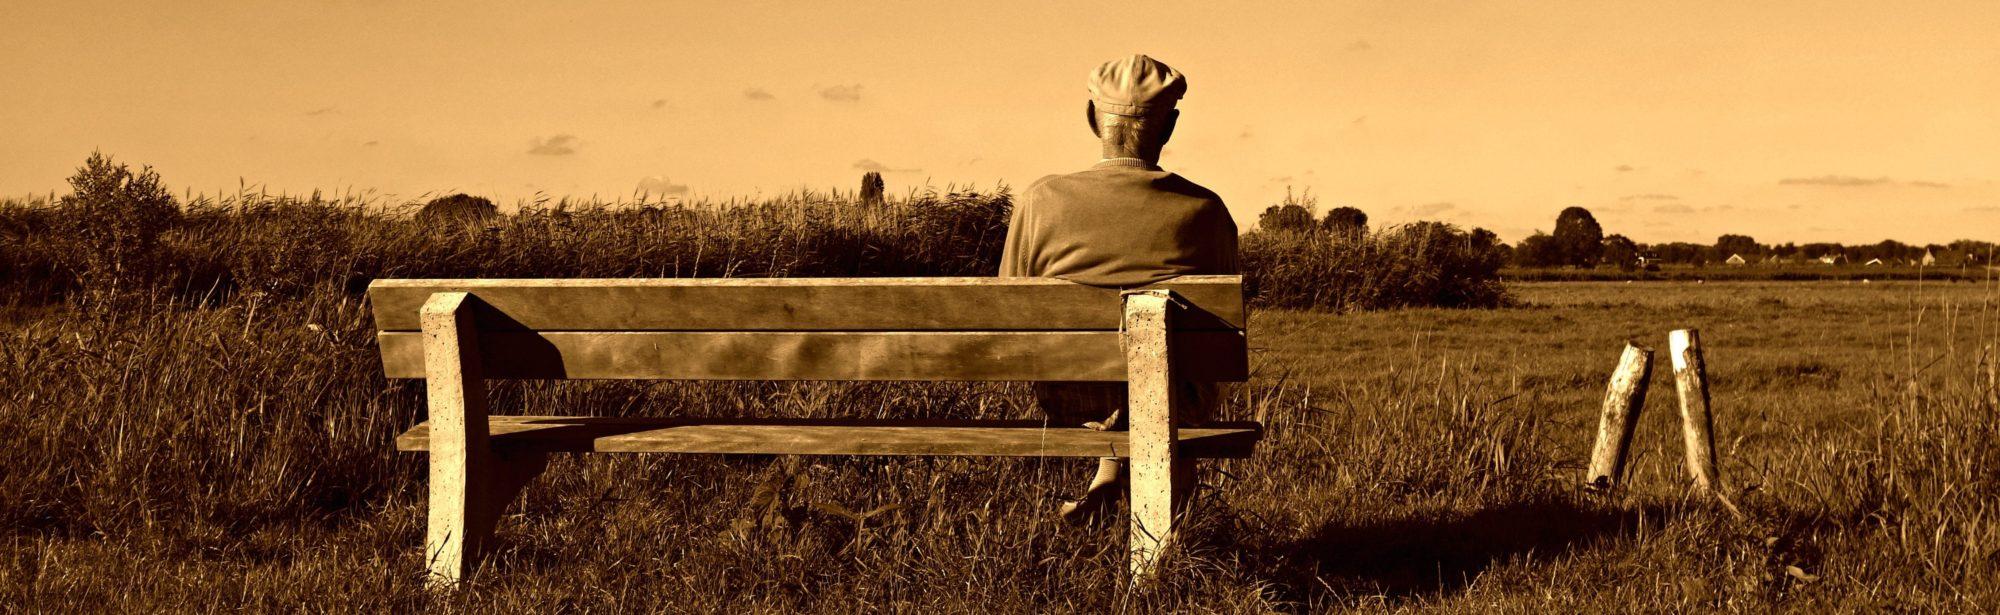 Vieil homme assis sur un banc